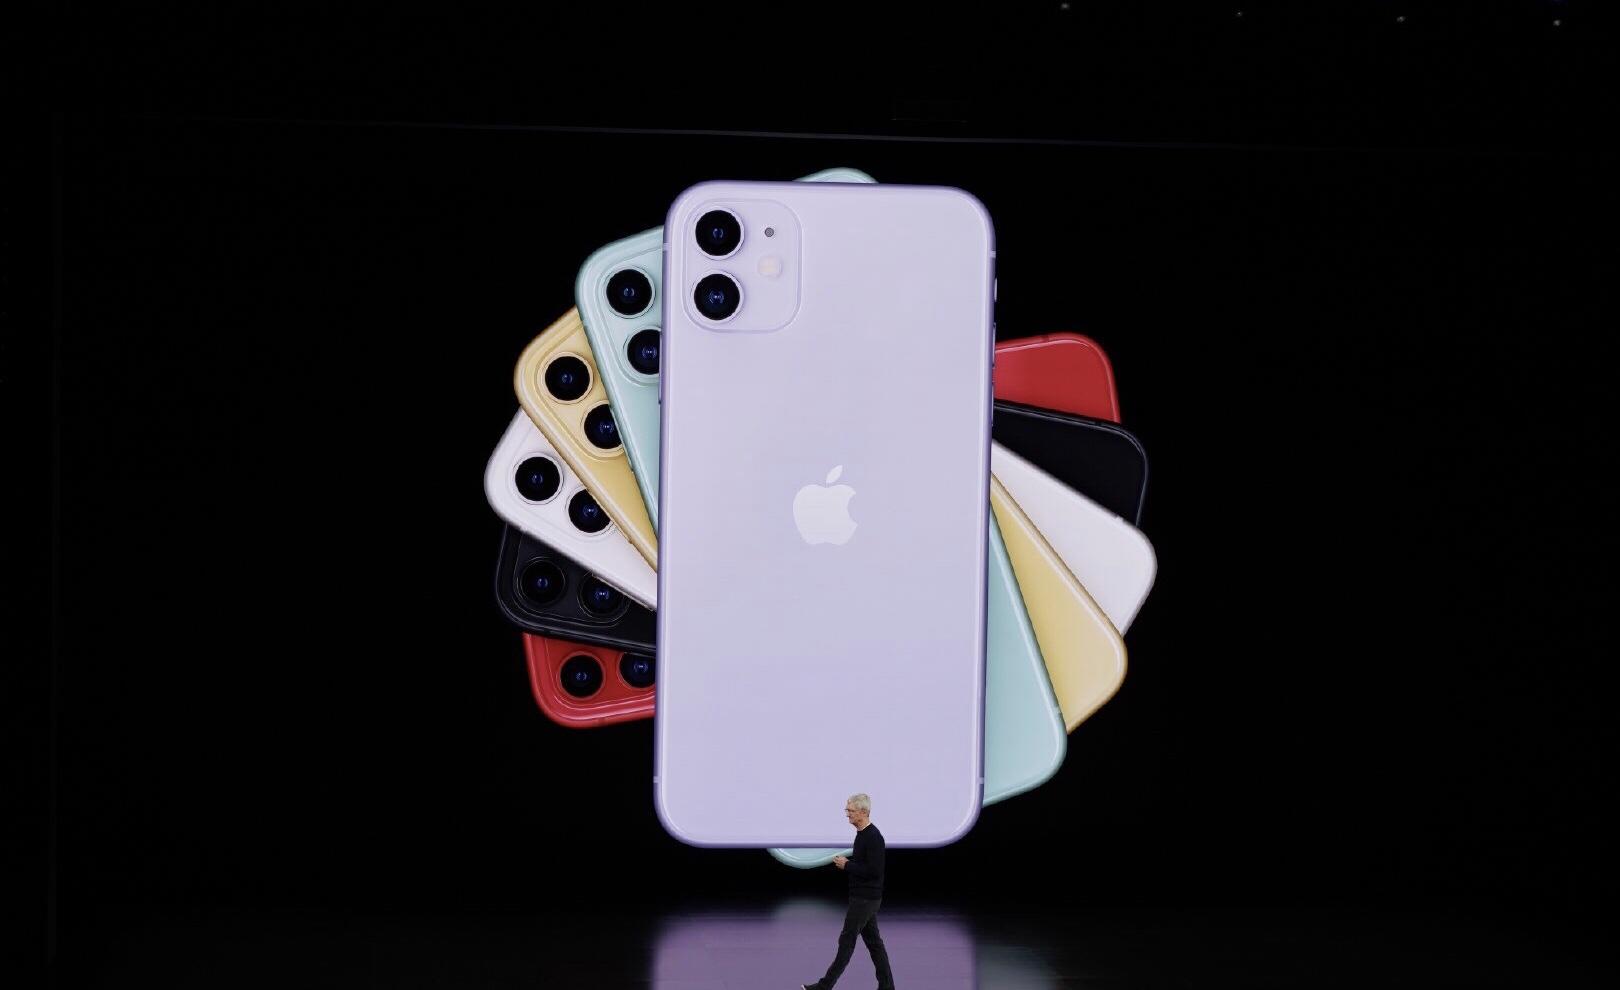 一文看2019苹果秋季新品,iPhone 11起售价5499元的照片 - 3